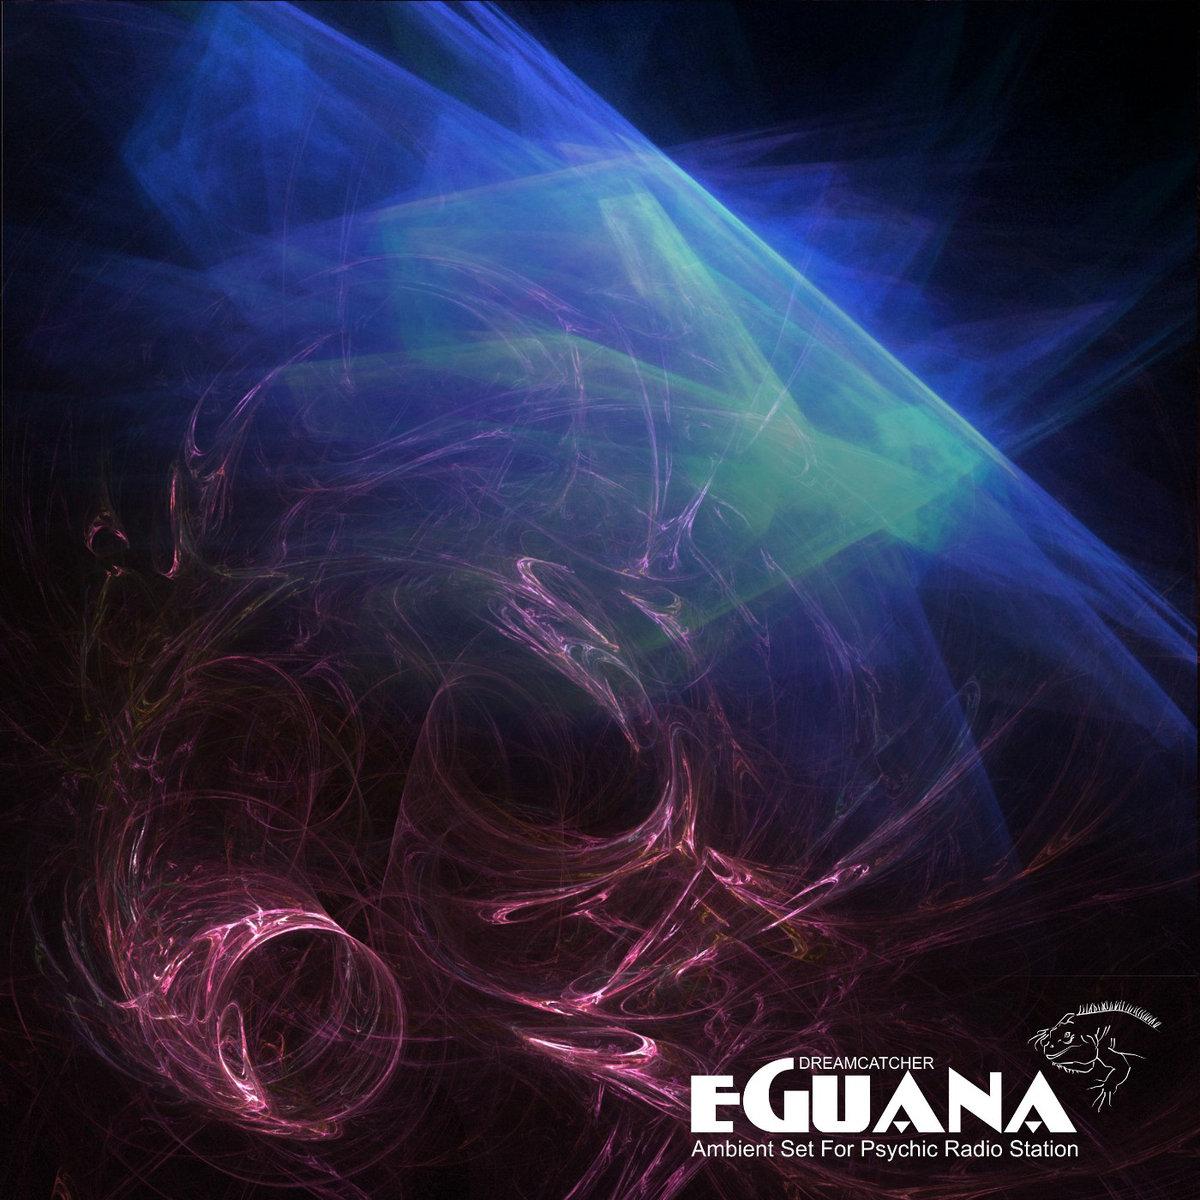 Eguana - Dreamcatcher